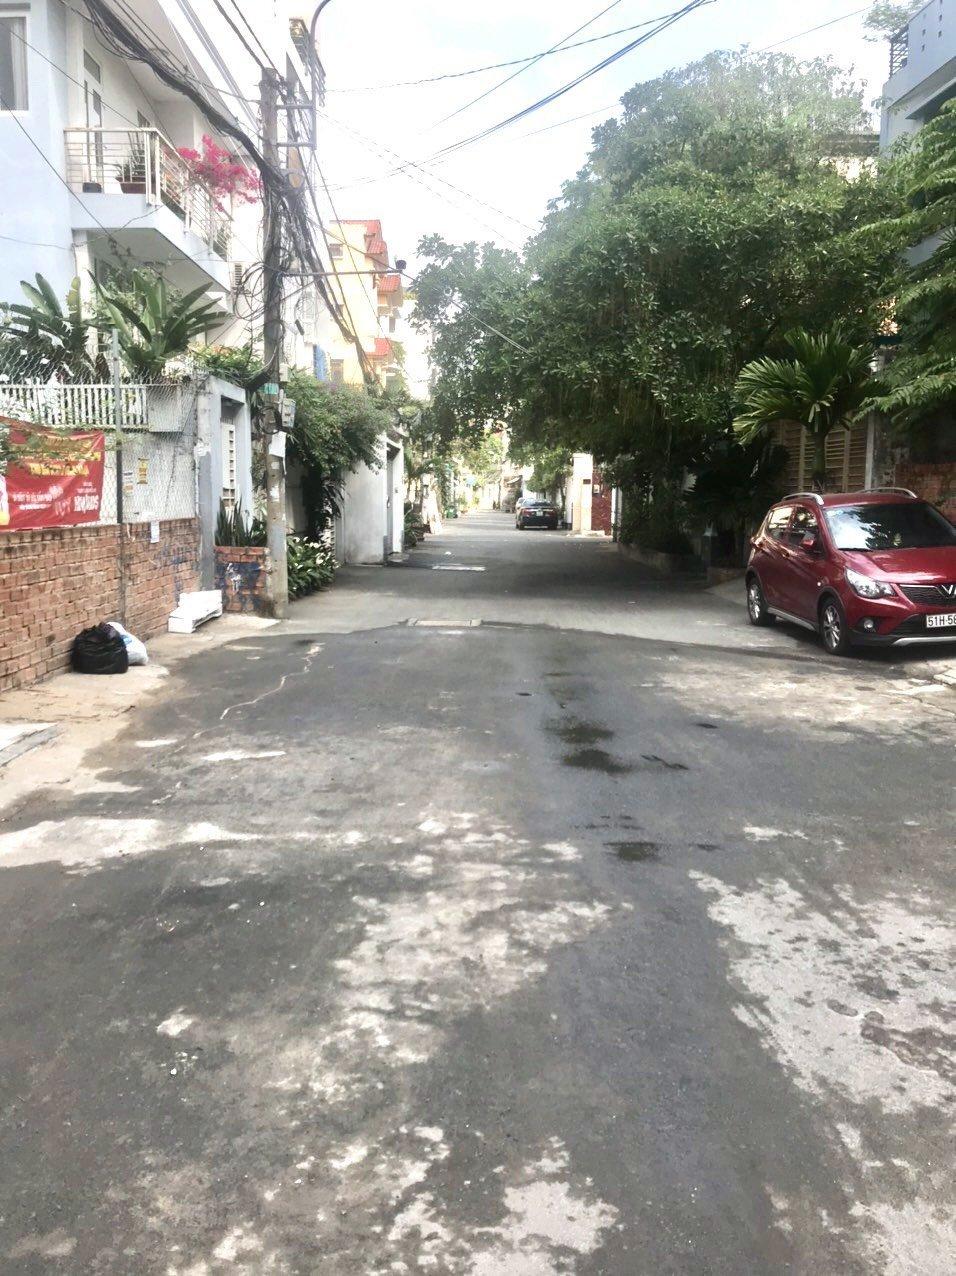 Bán đất khu Kiều Đàm quận 7 dt 4x15m, giá 7.1 tỷ, Lh 0909477288